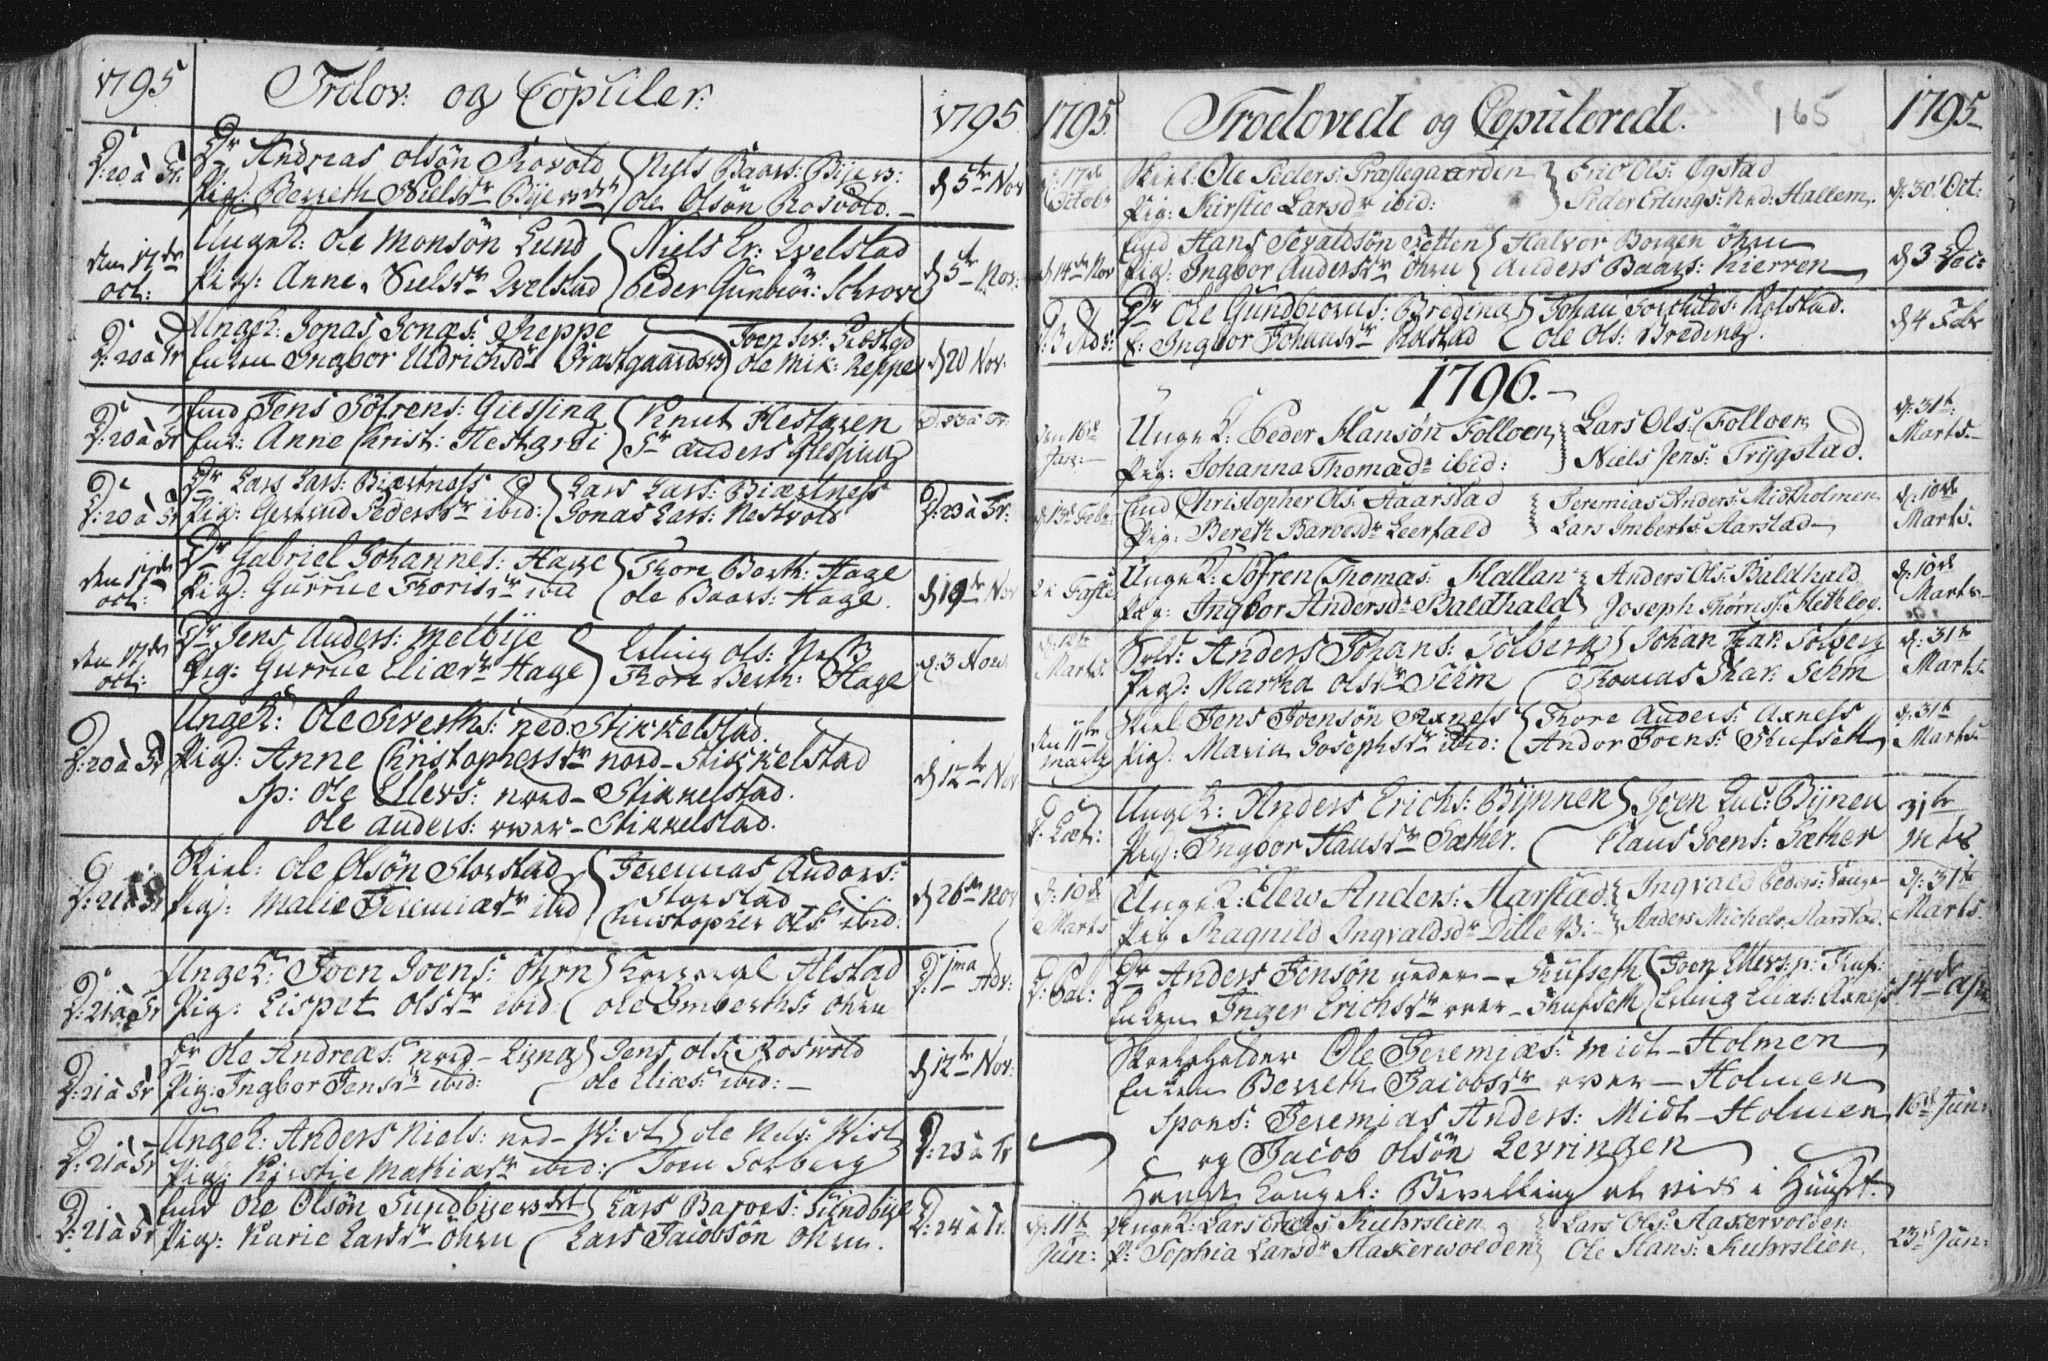 SAT, Ministerialprotokoller, klokkerbøker og fødselsregistre - Nord-Trøndelag, 723/L0232: Ministerialbok nr. 723A03, 1781-1804, s. 165